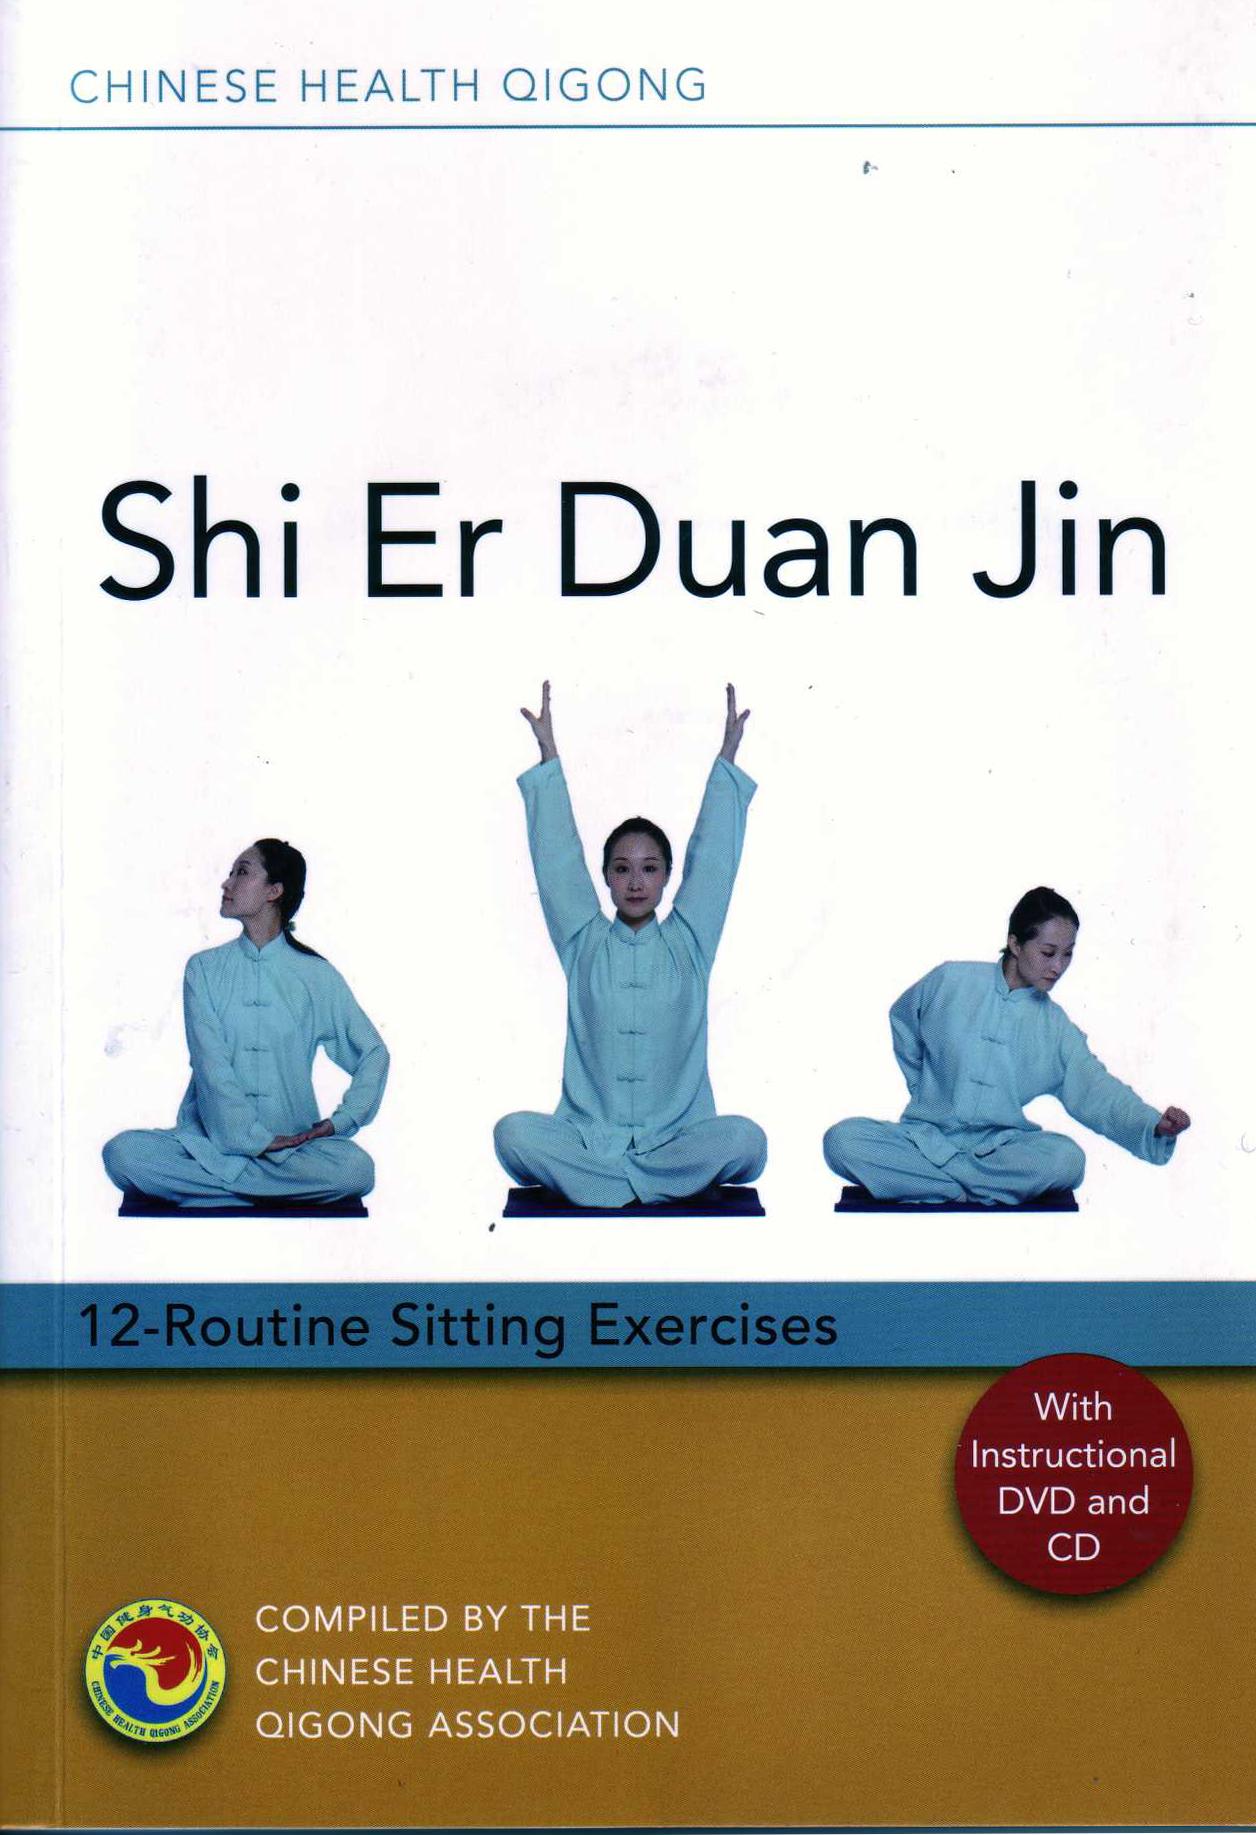 Shi Er Duan Jin - with DVD - AcuMedic Shop